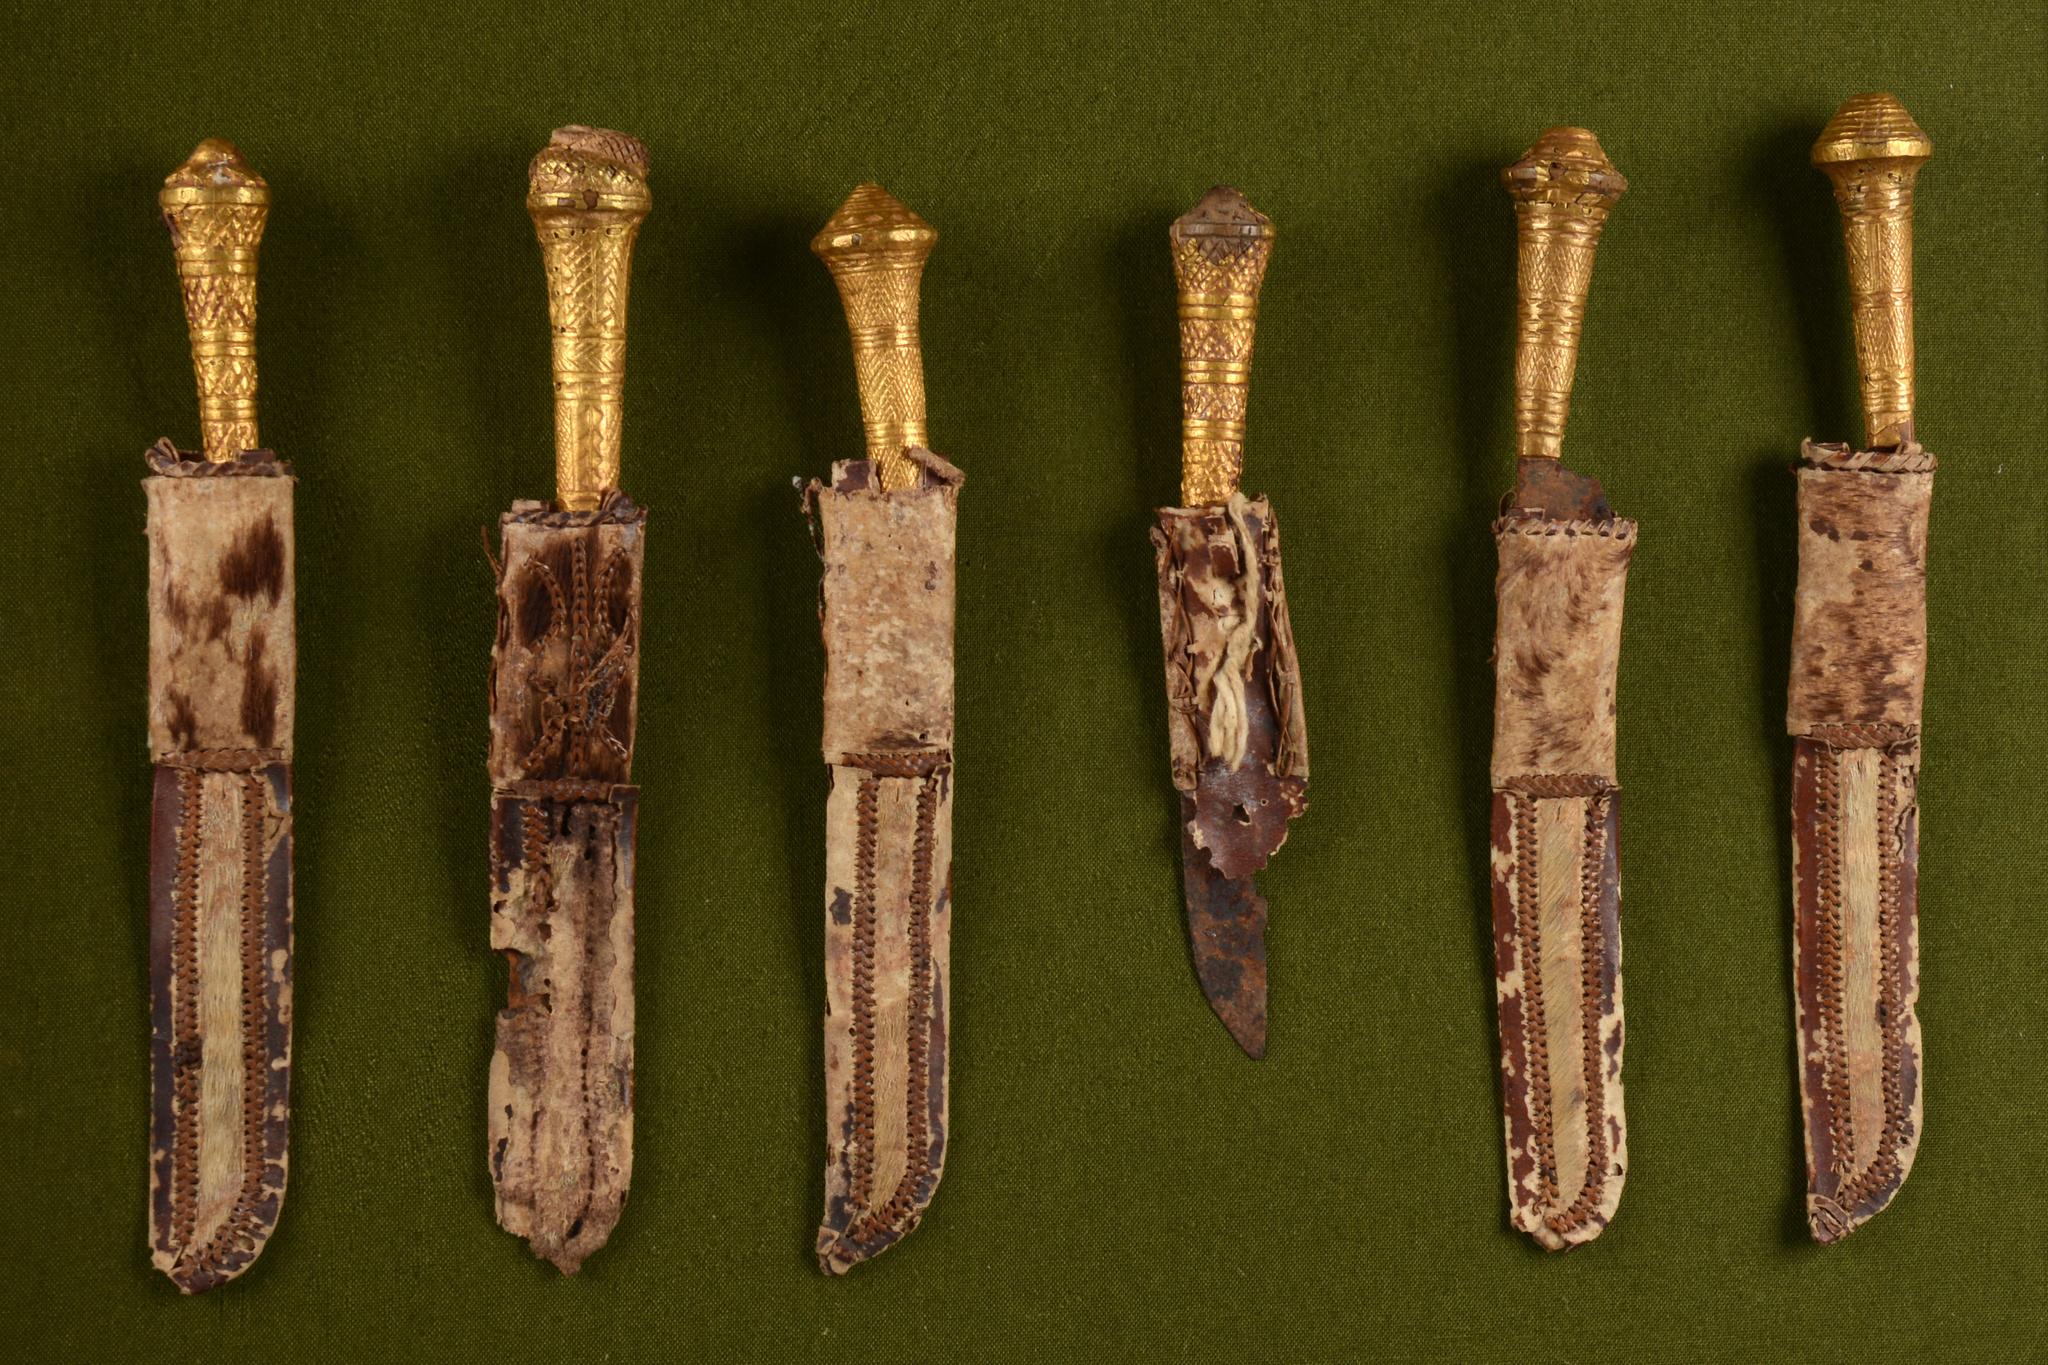 Sechs Messer